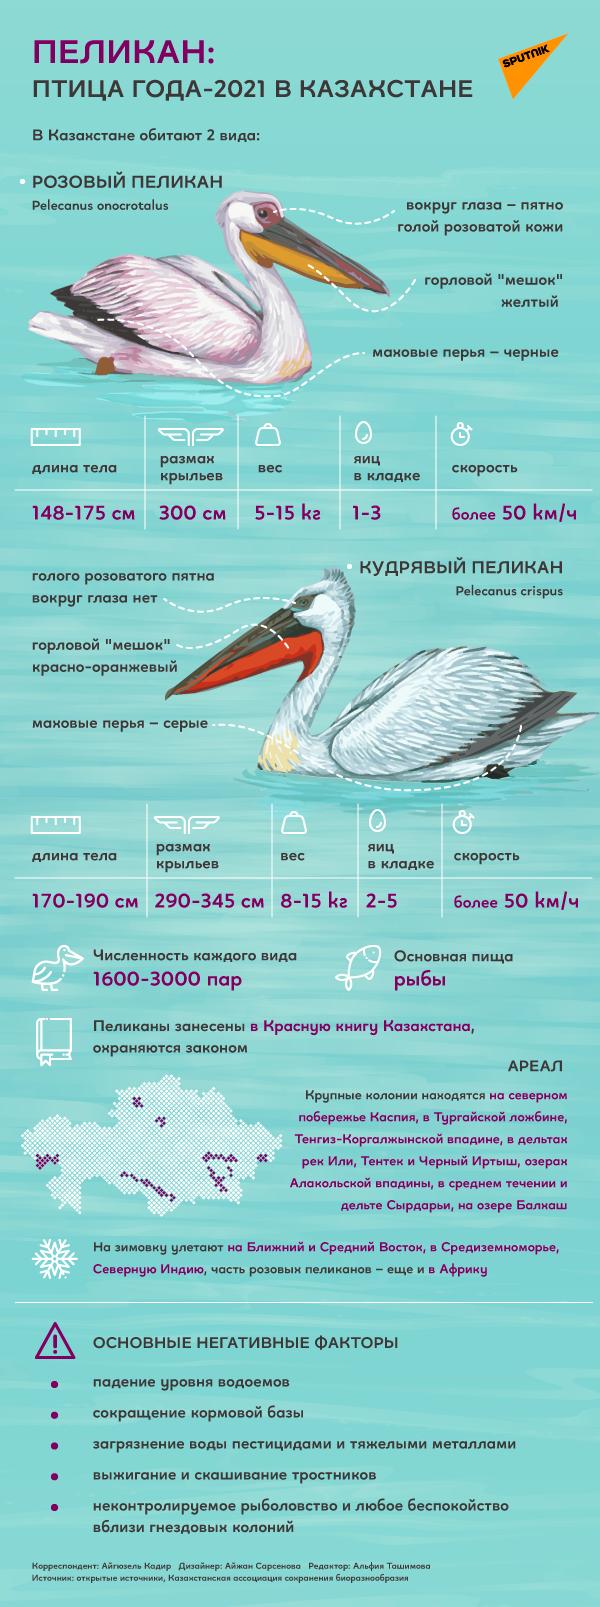 Пеликан – птица 2021 года в Казахстане